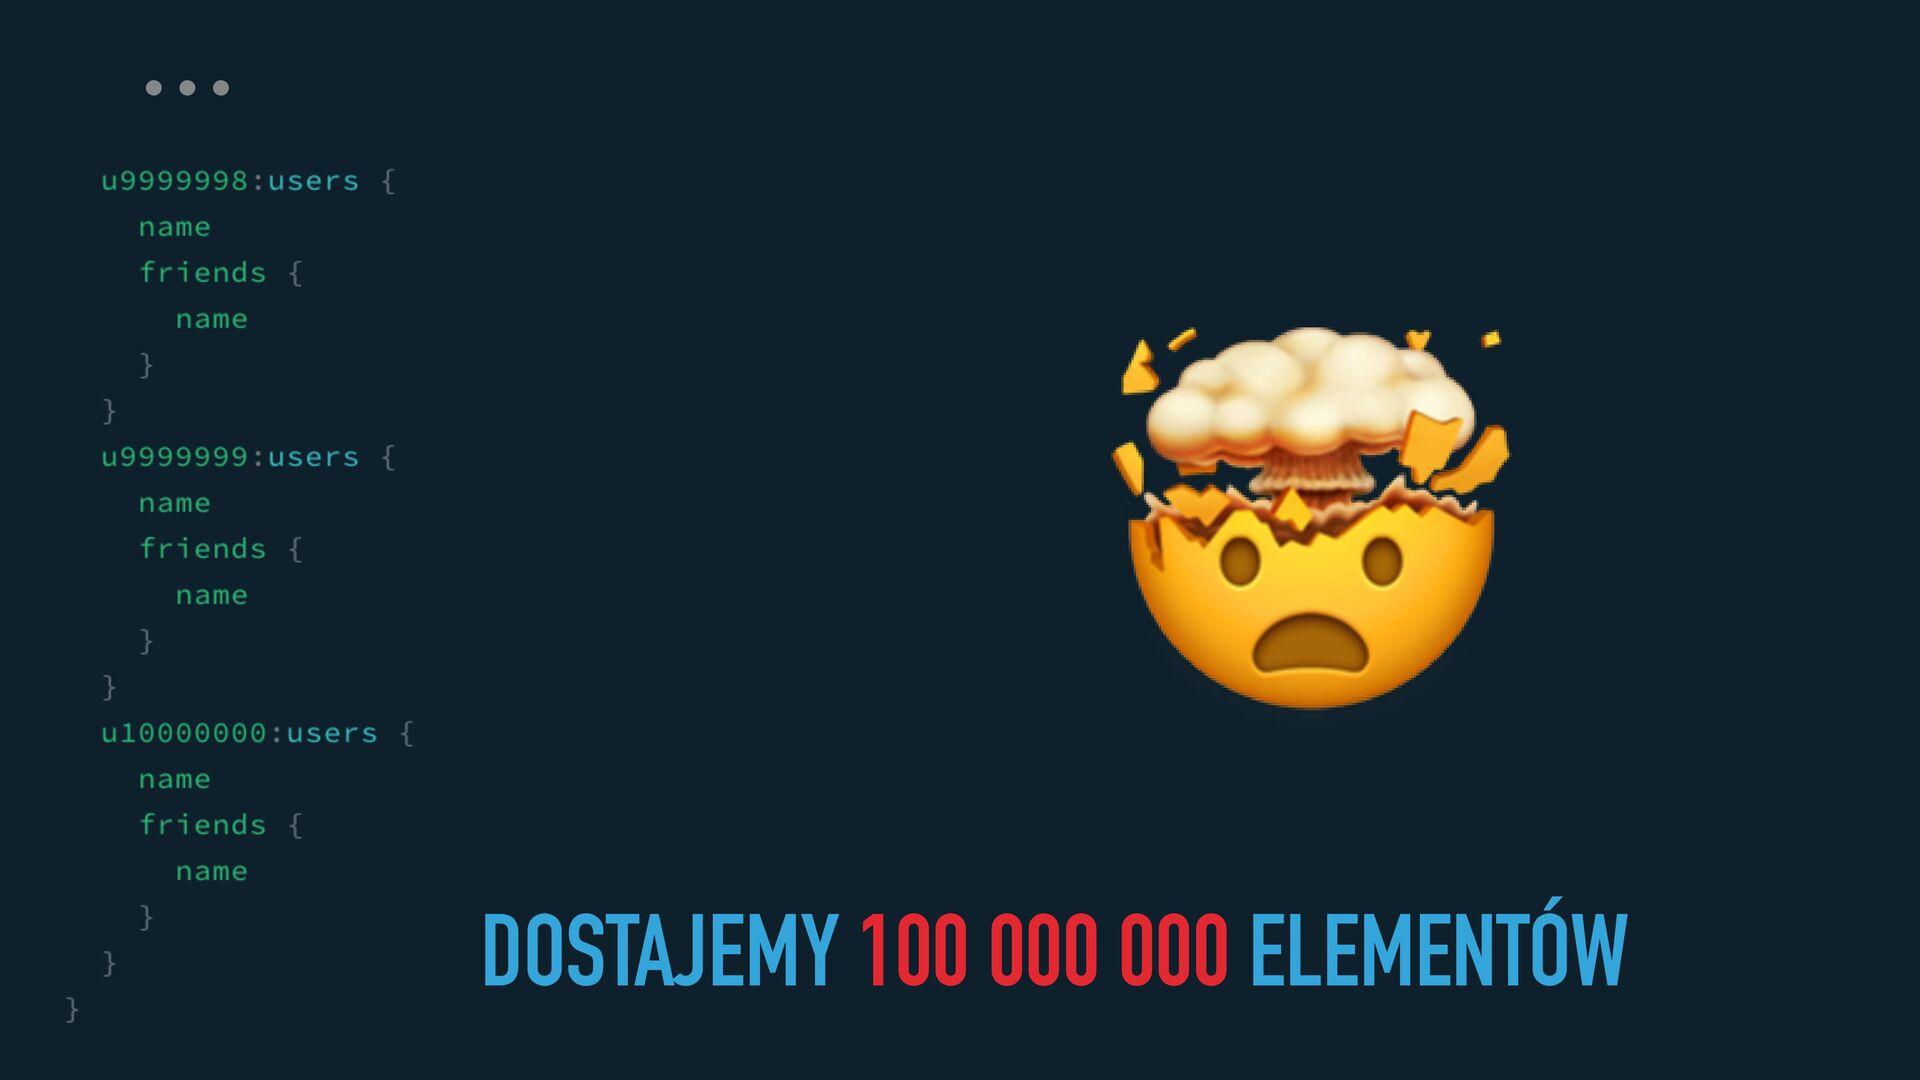 🤯 … DOSTAJEMY 100 000 000 ELEMENTÓW